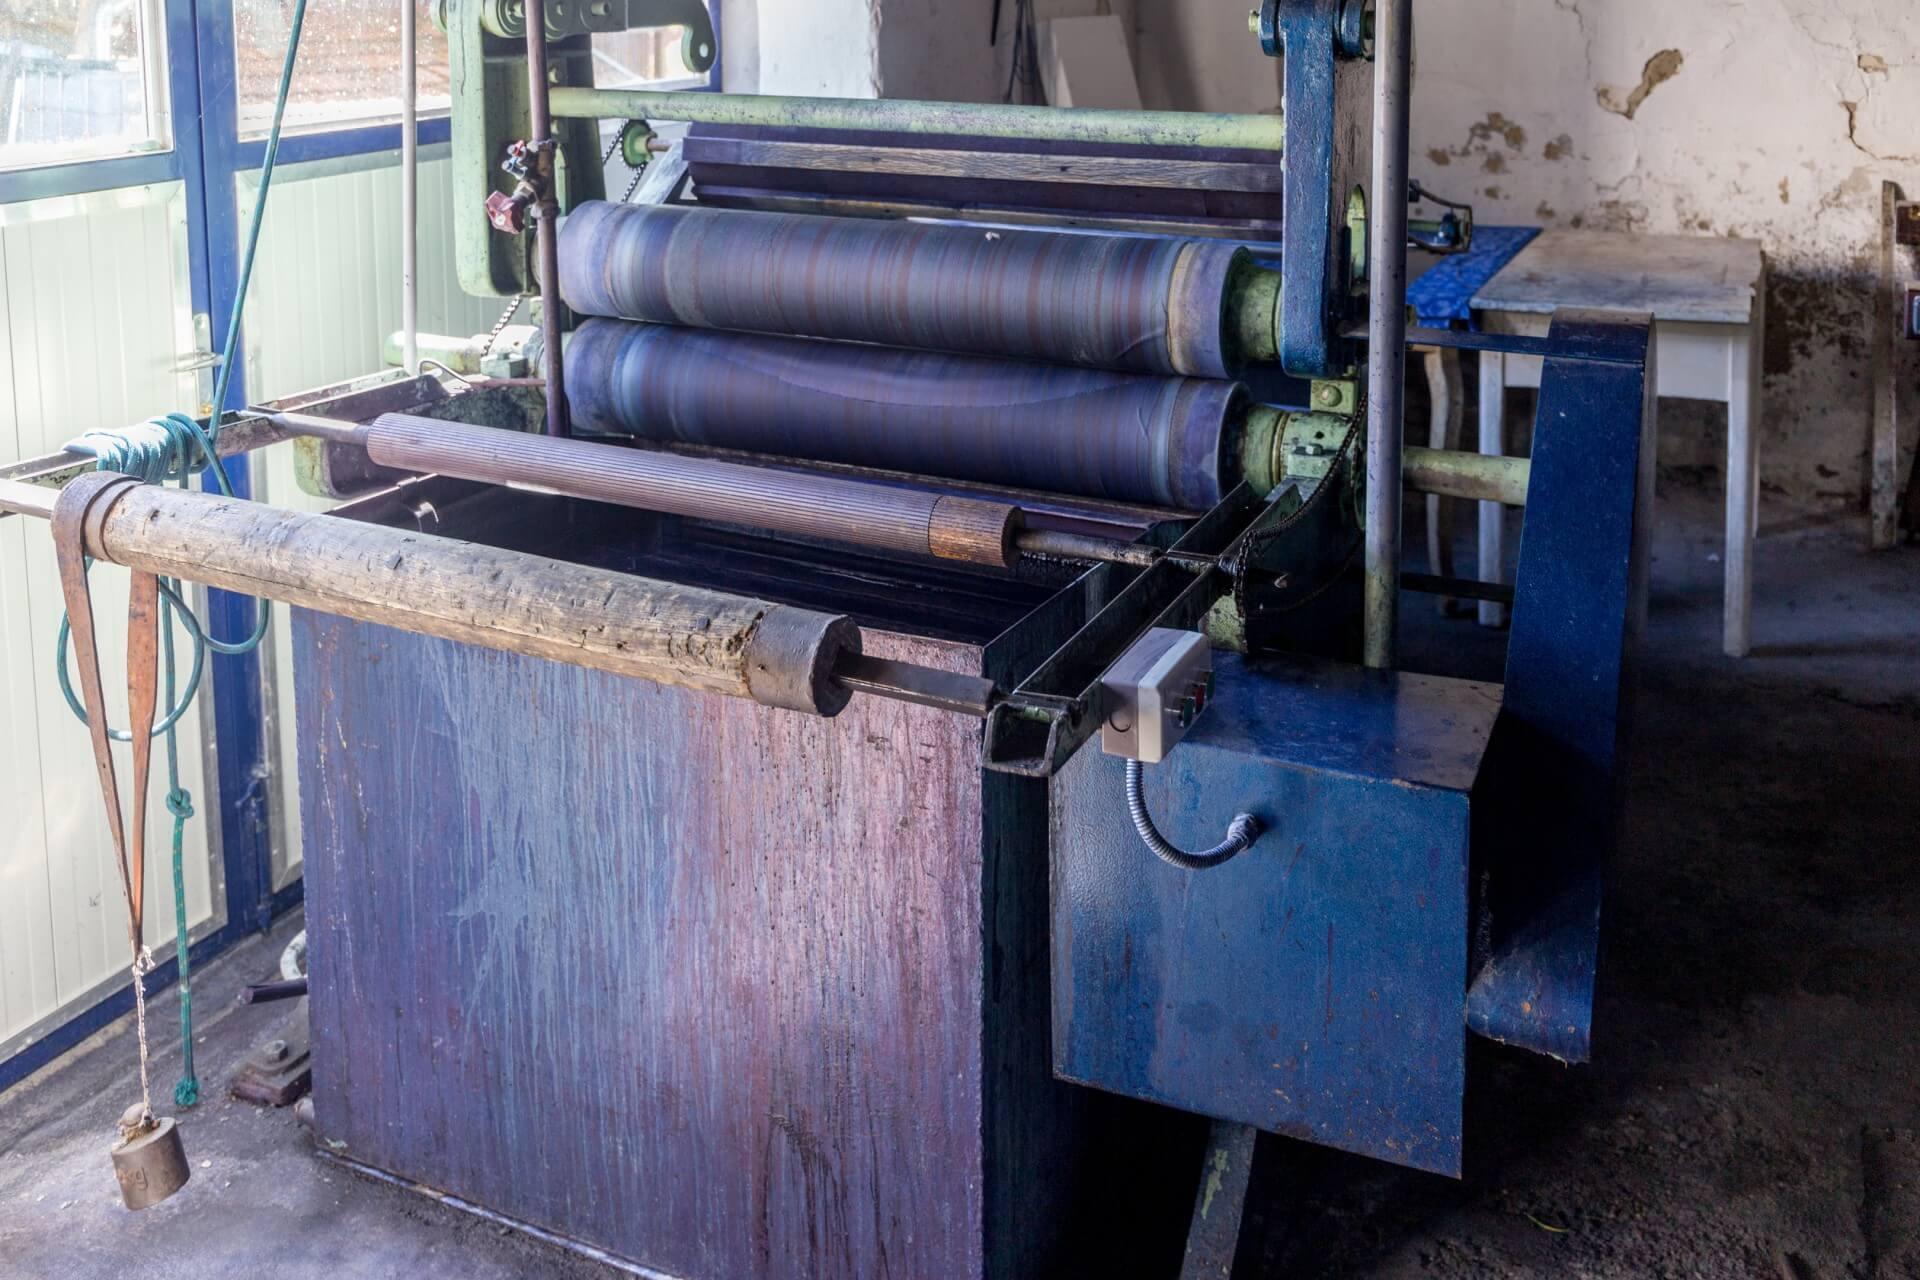 Walzensystem für die Warmfärbung beim Blaufärber in Tolna